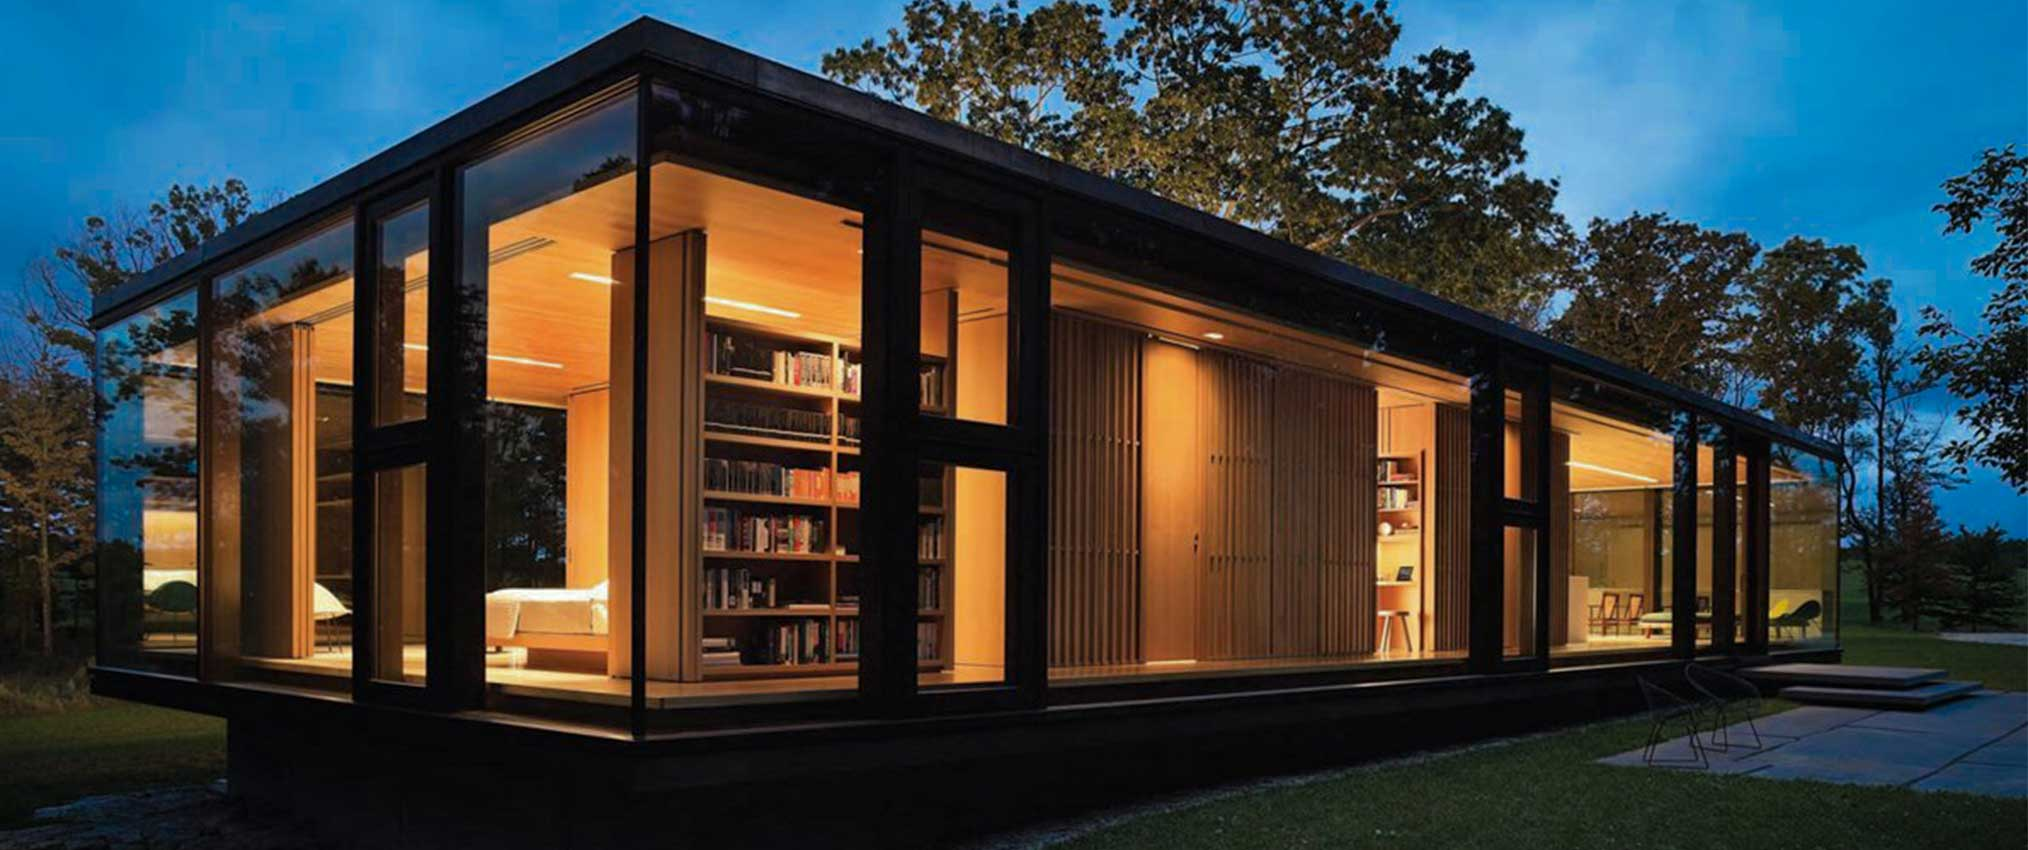 3D-Exterior-Design-Rendering